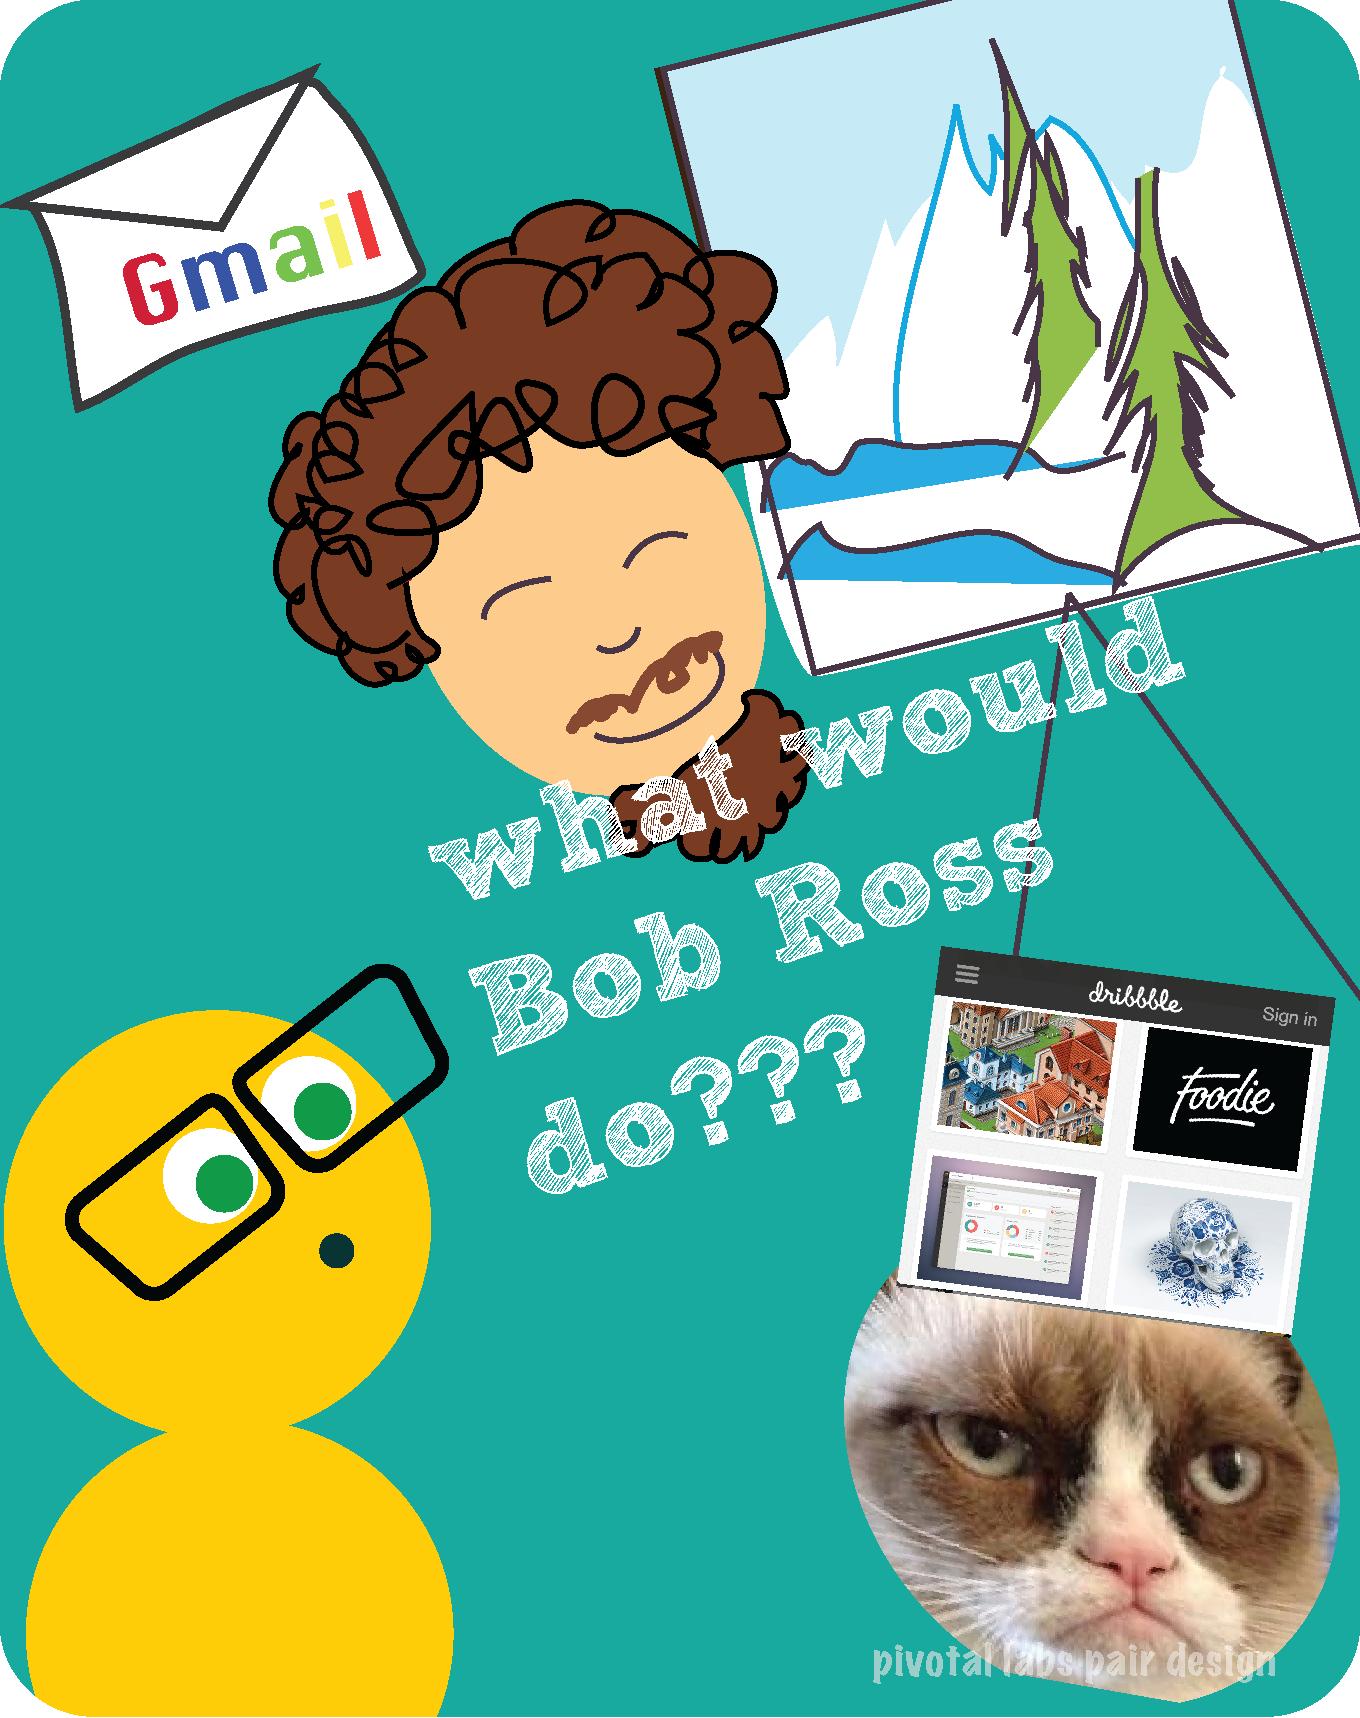 bob-ross2